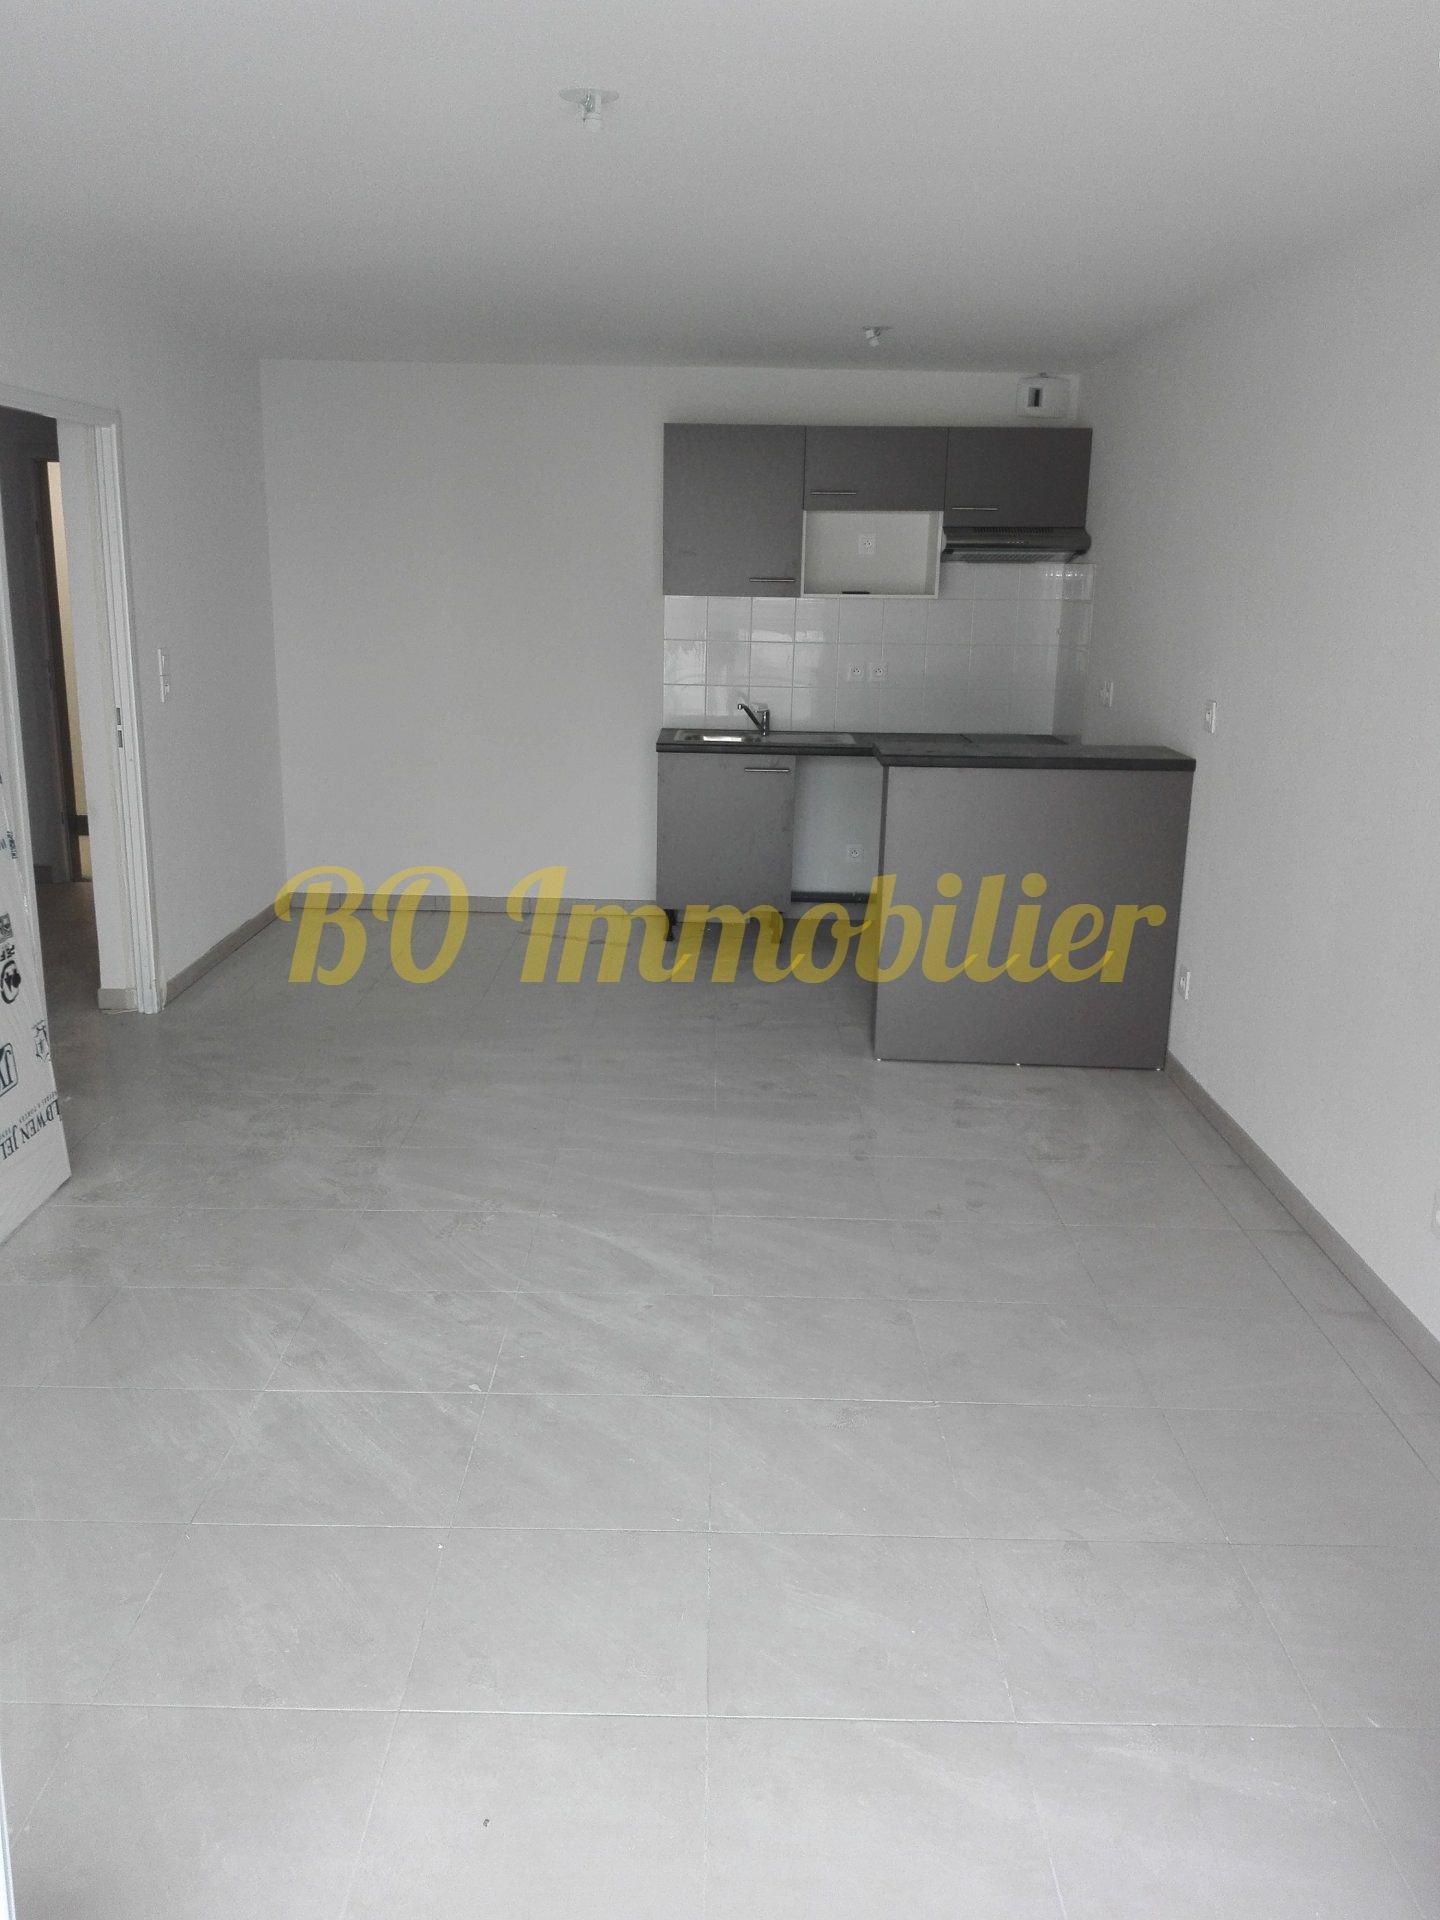 MAGNIFIQUE 2p de 47 m² + terrasse de 57 m² + parking